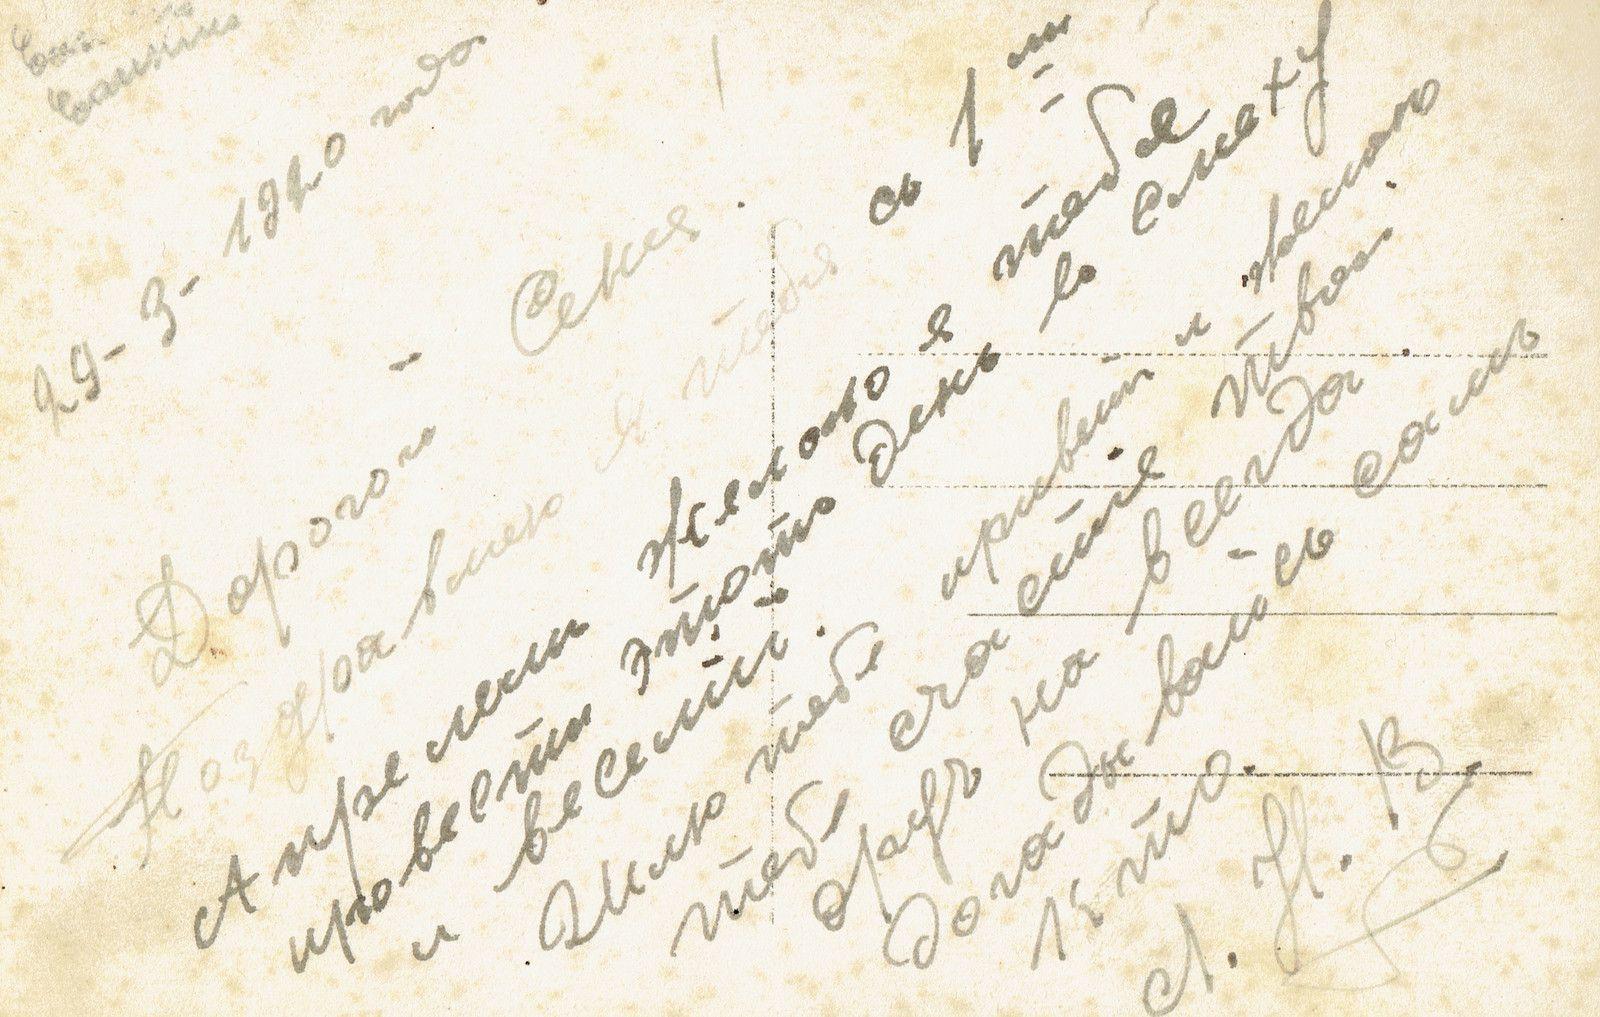 Archives familiales, correspondances, carte postale n° 5, carte de fantaisie, « Poissons d'avril », recto/verso.